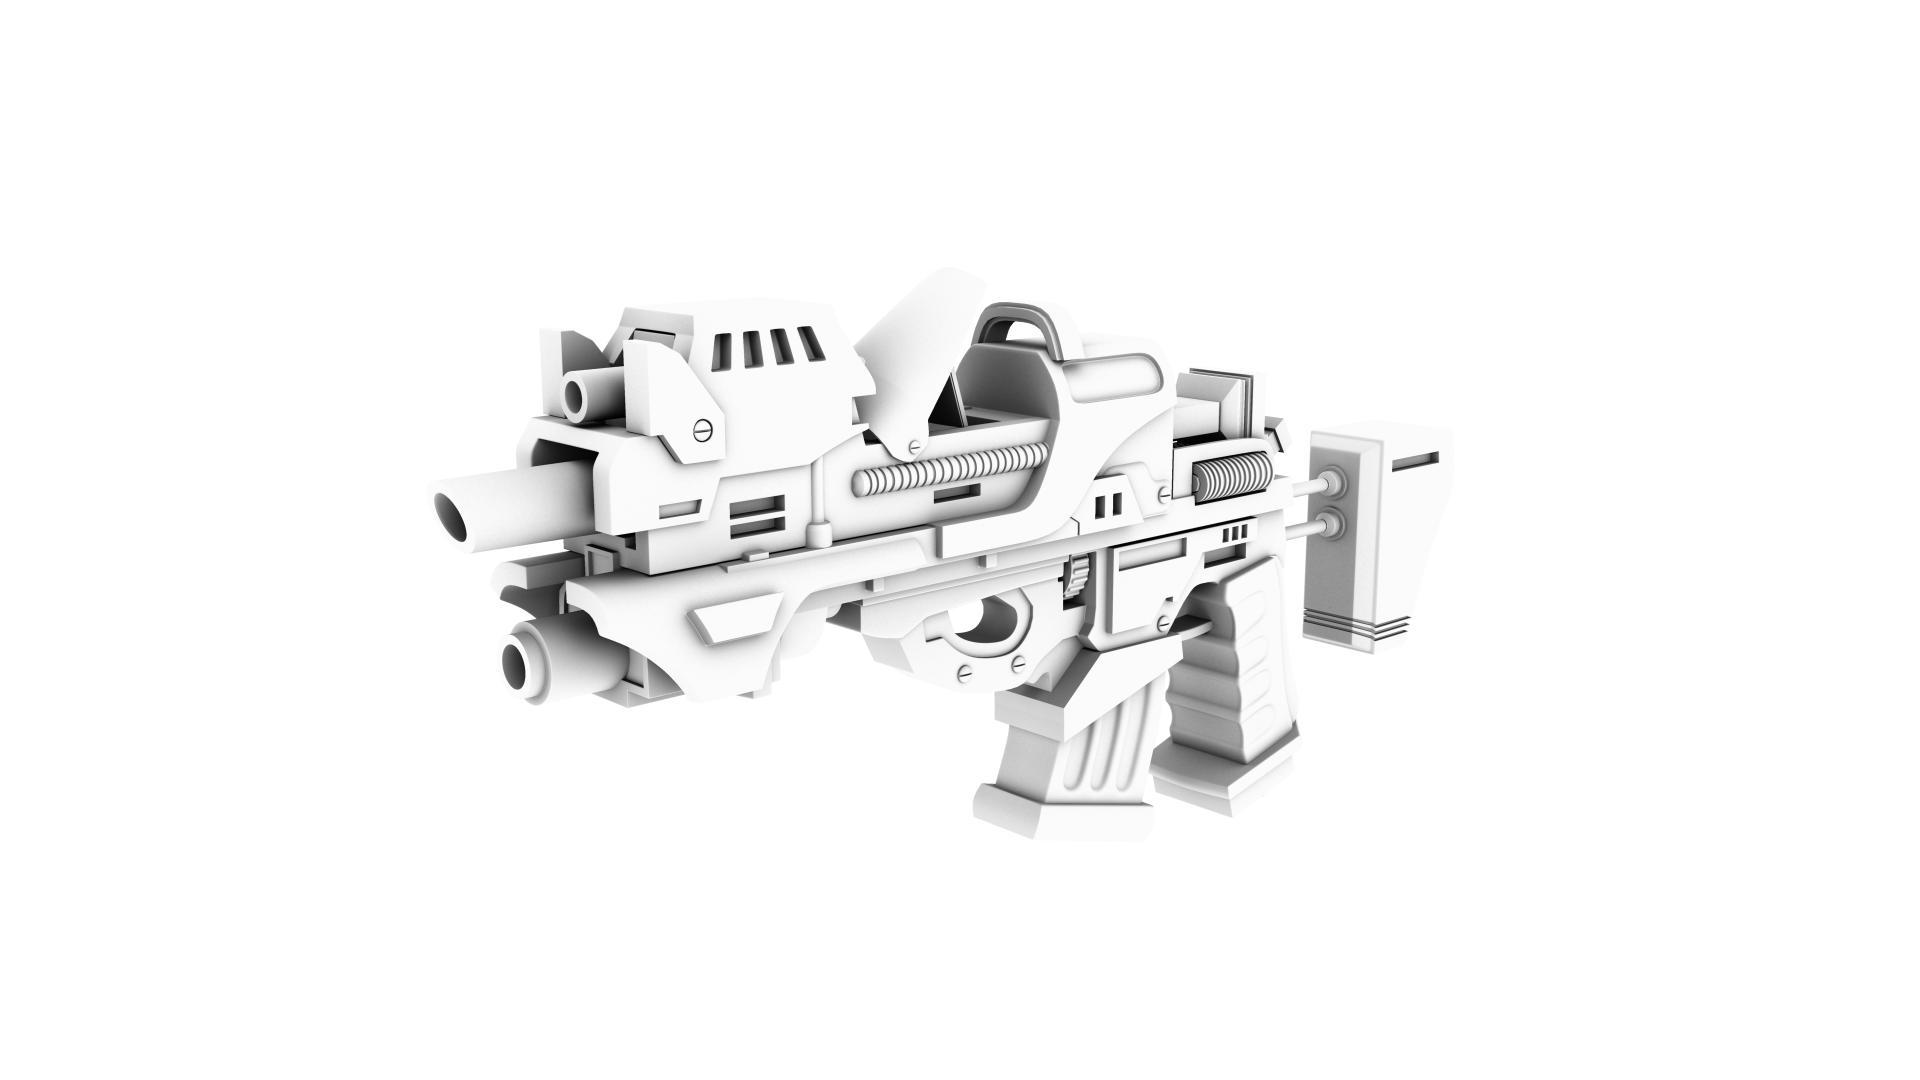 vojni pištolj 3d model 128978